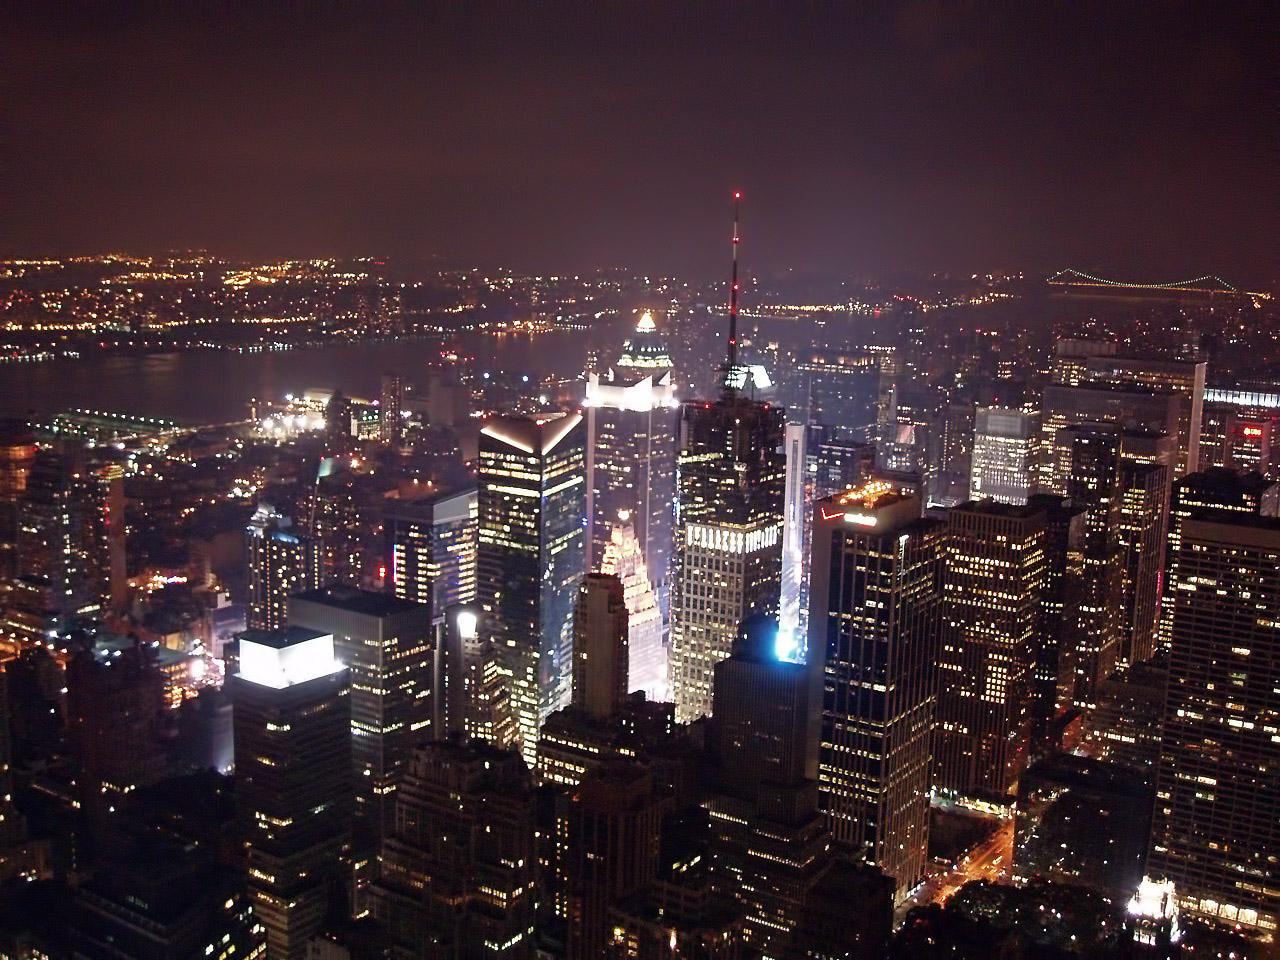 Vista aérea de Times Square desde el Empire State Building.jpg